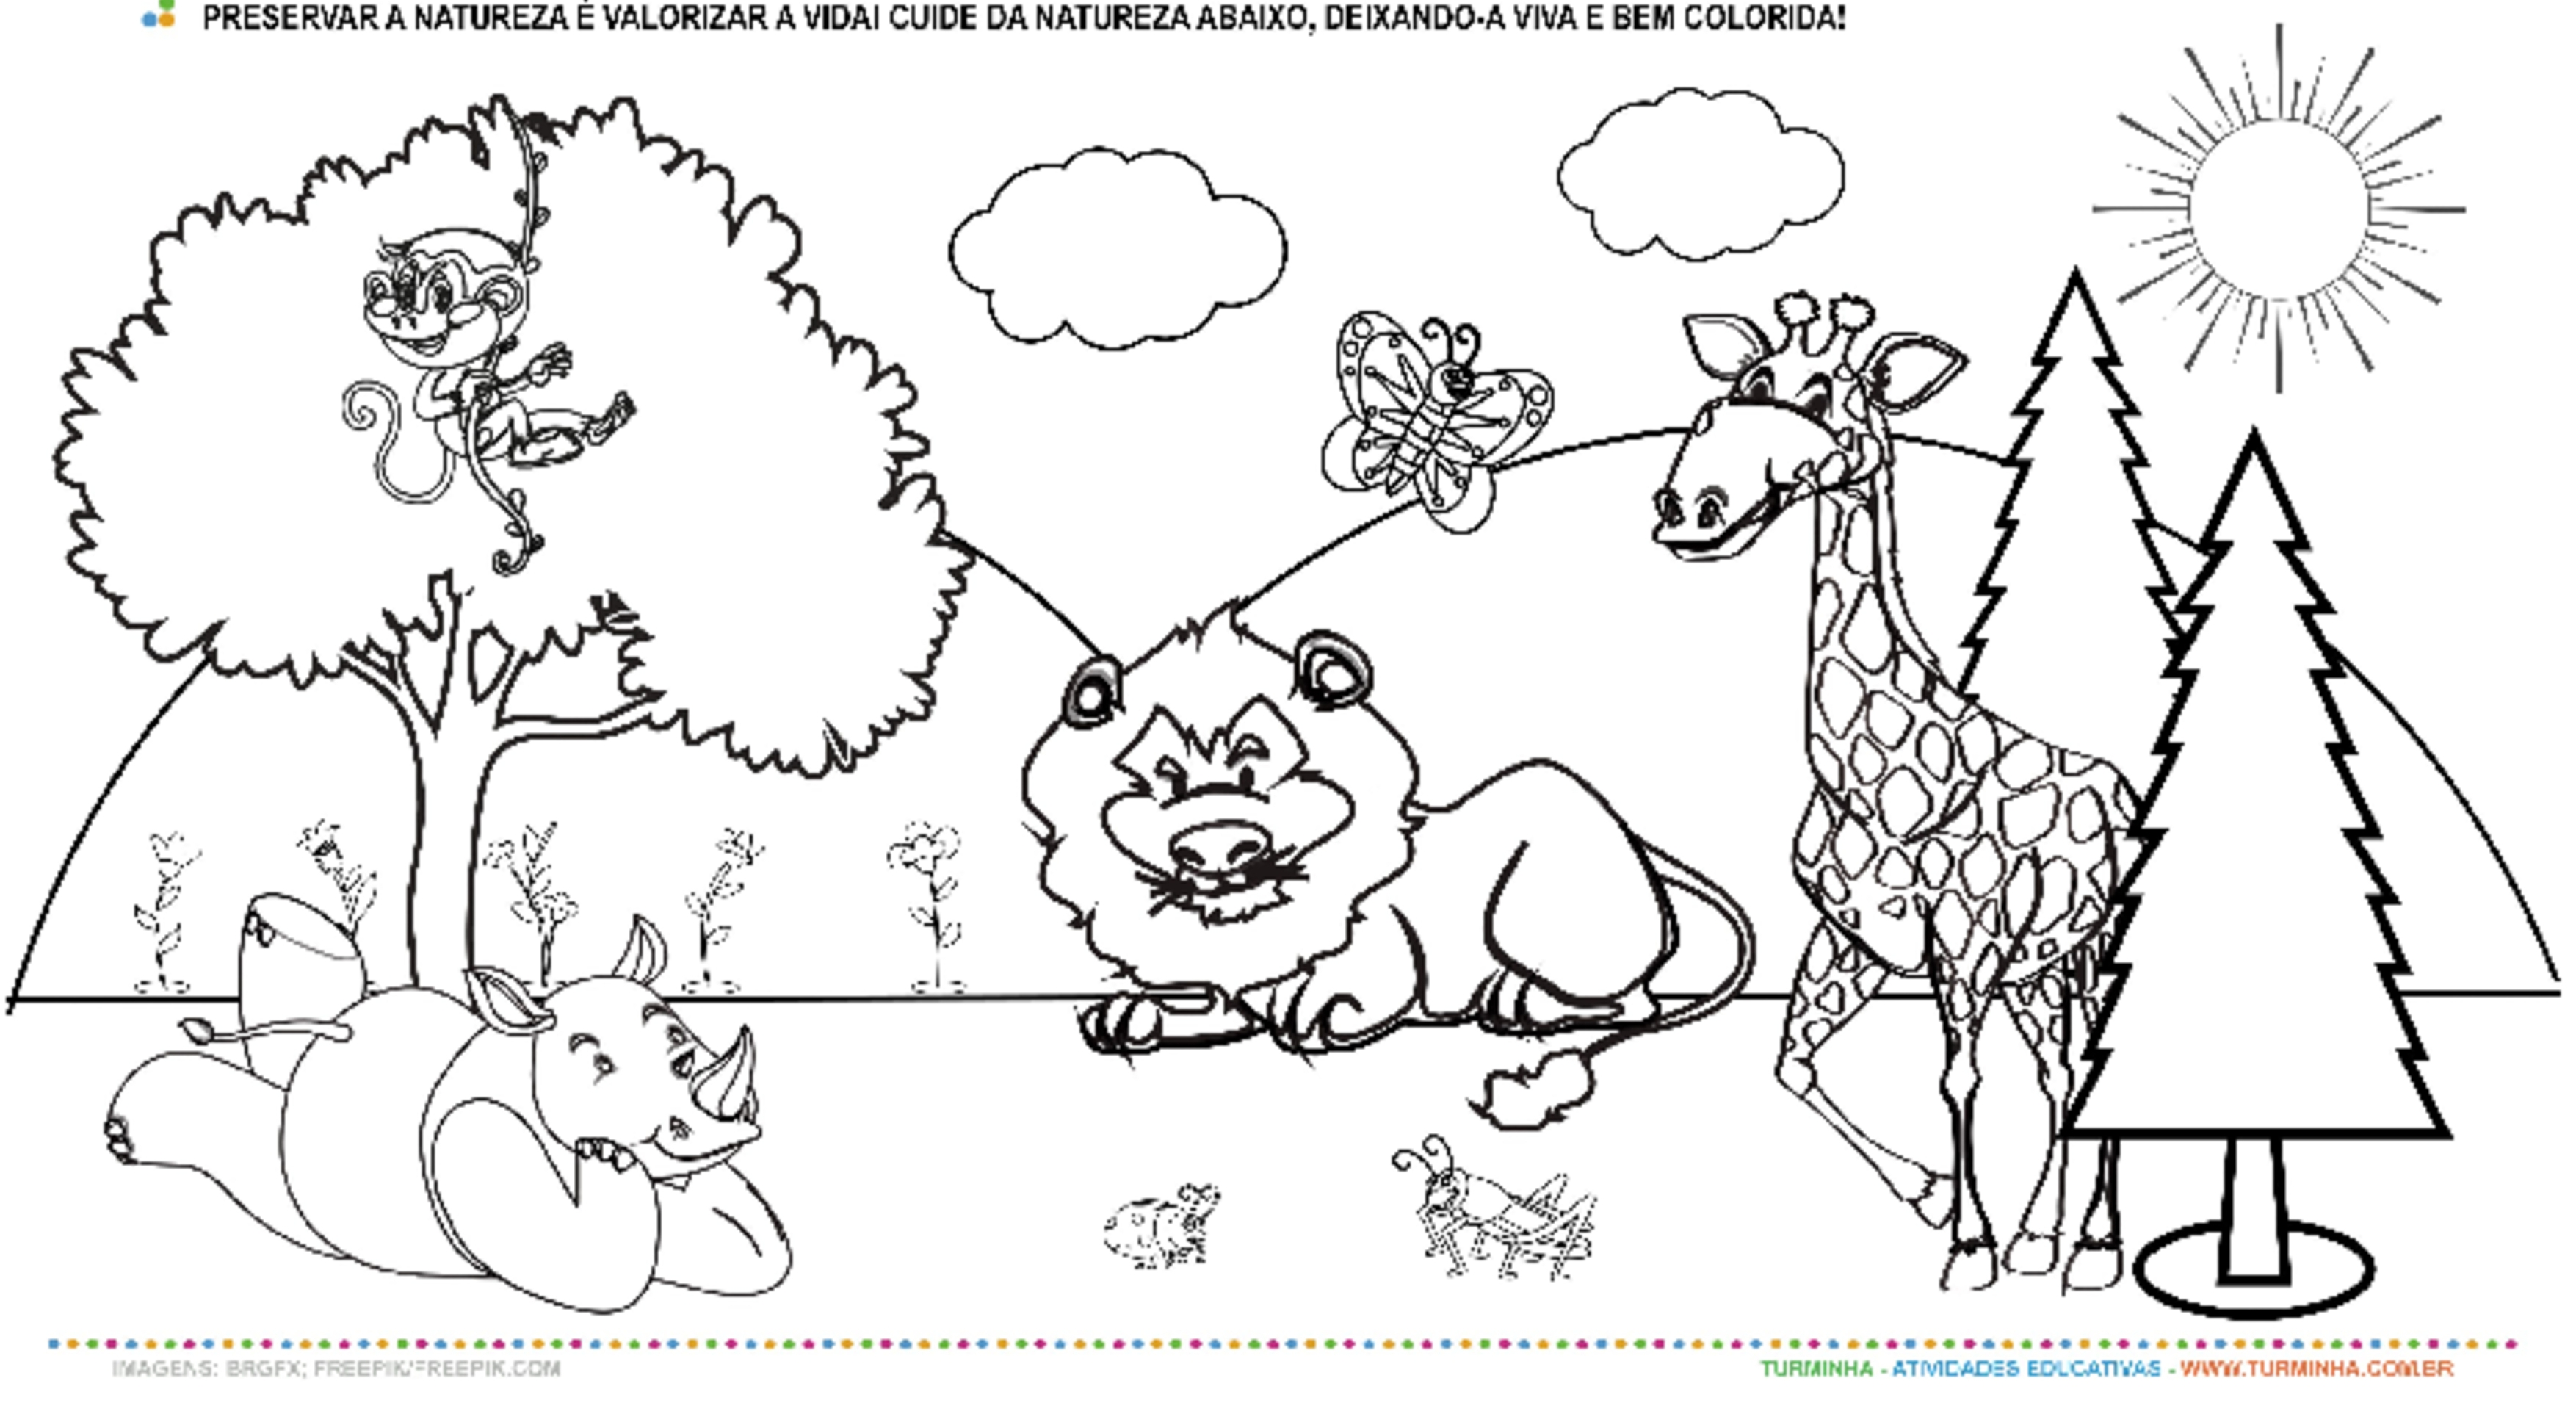 Colorindo a Natureza - atividade educativa para Pré-Escola (4 e 5 anos)